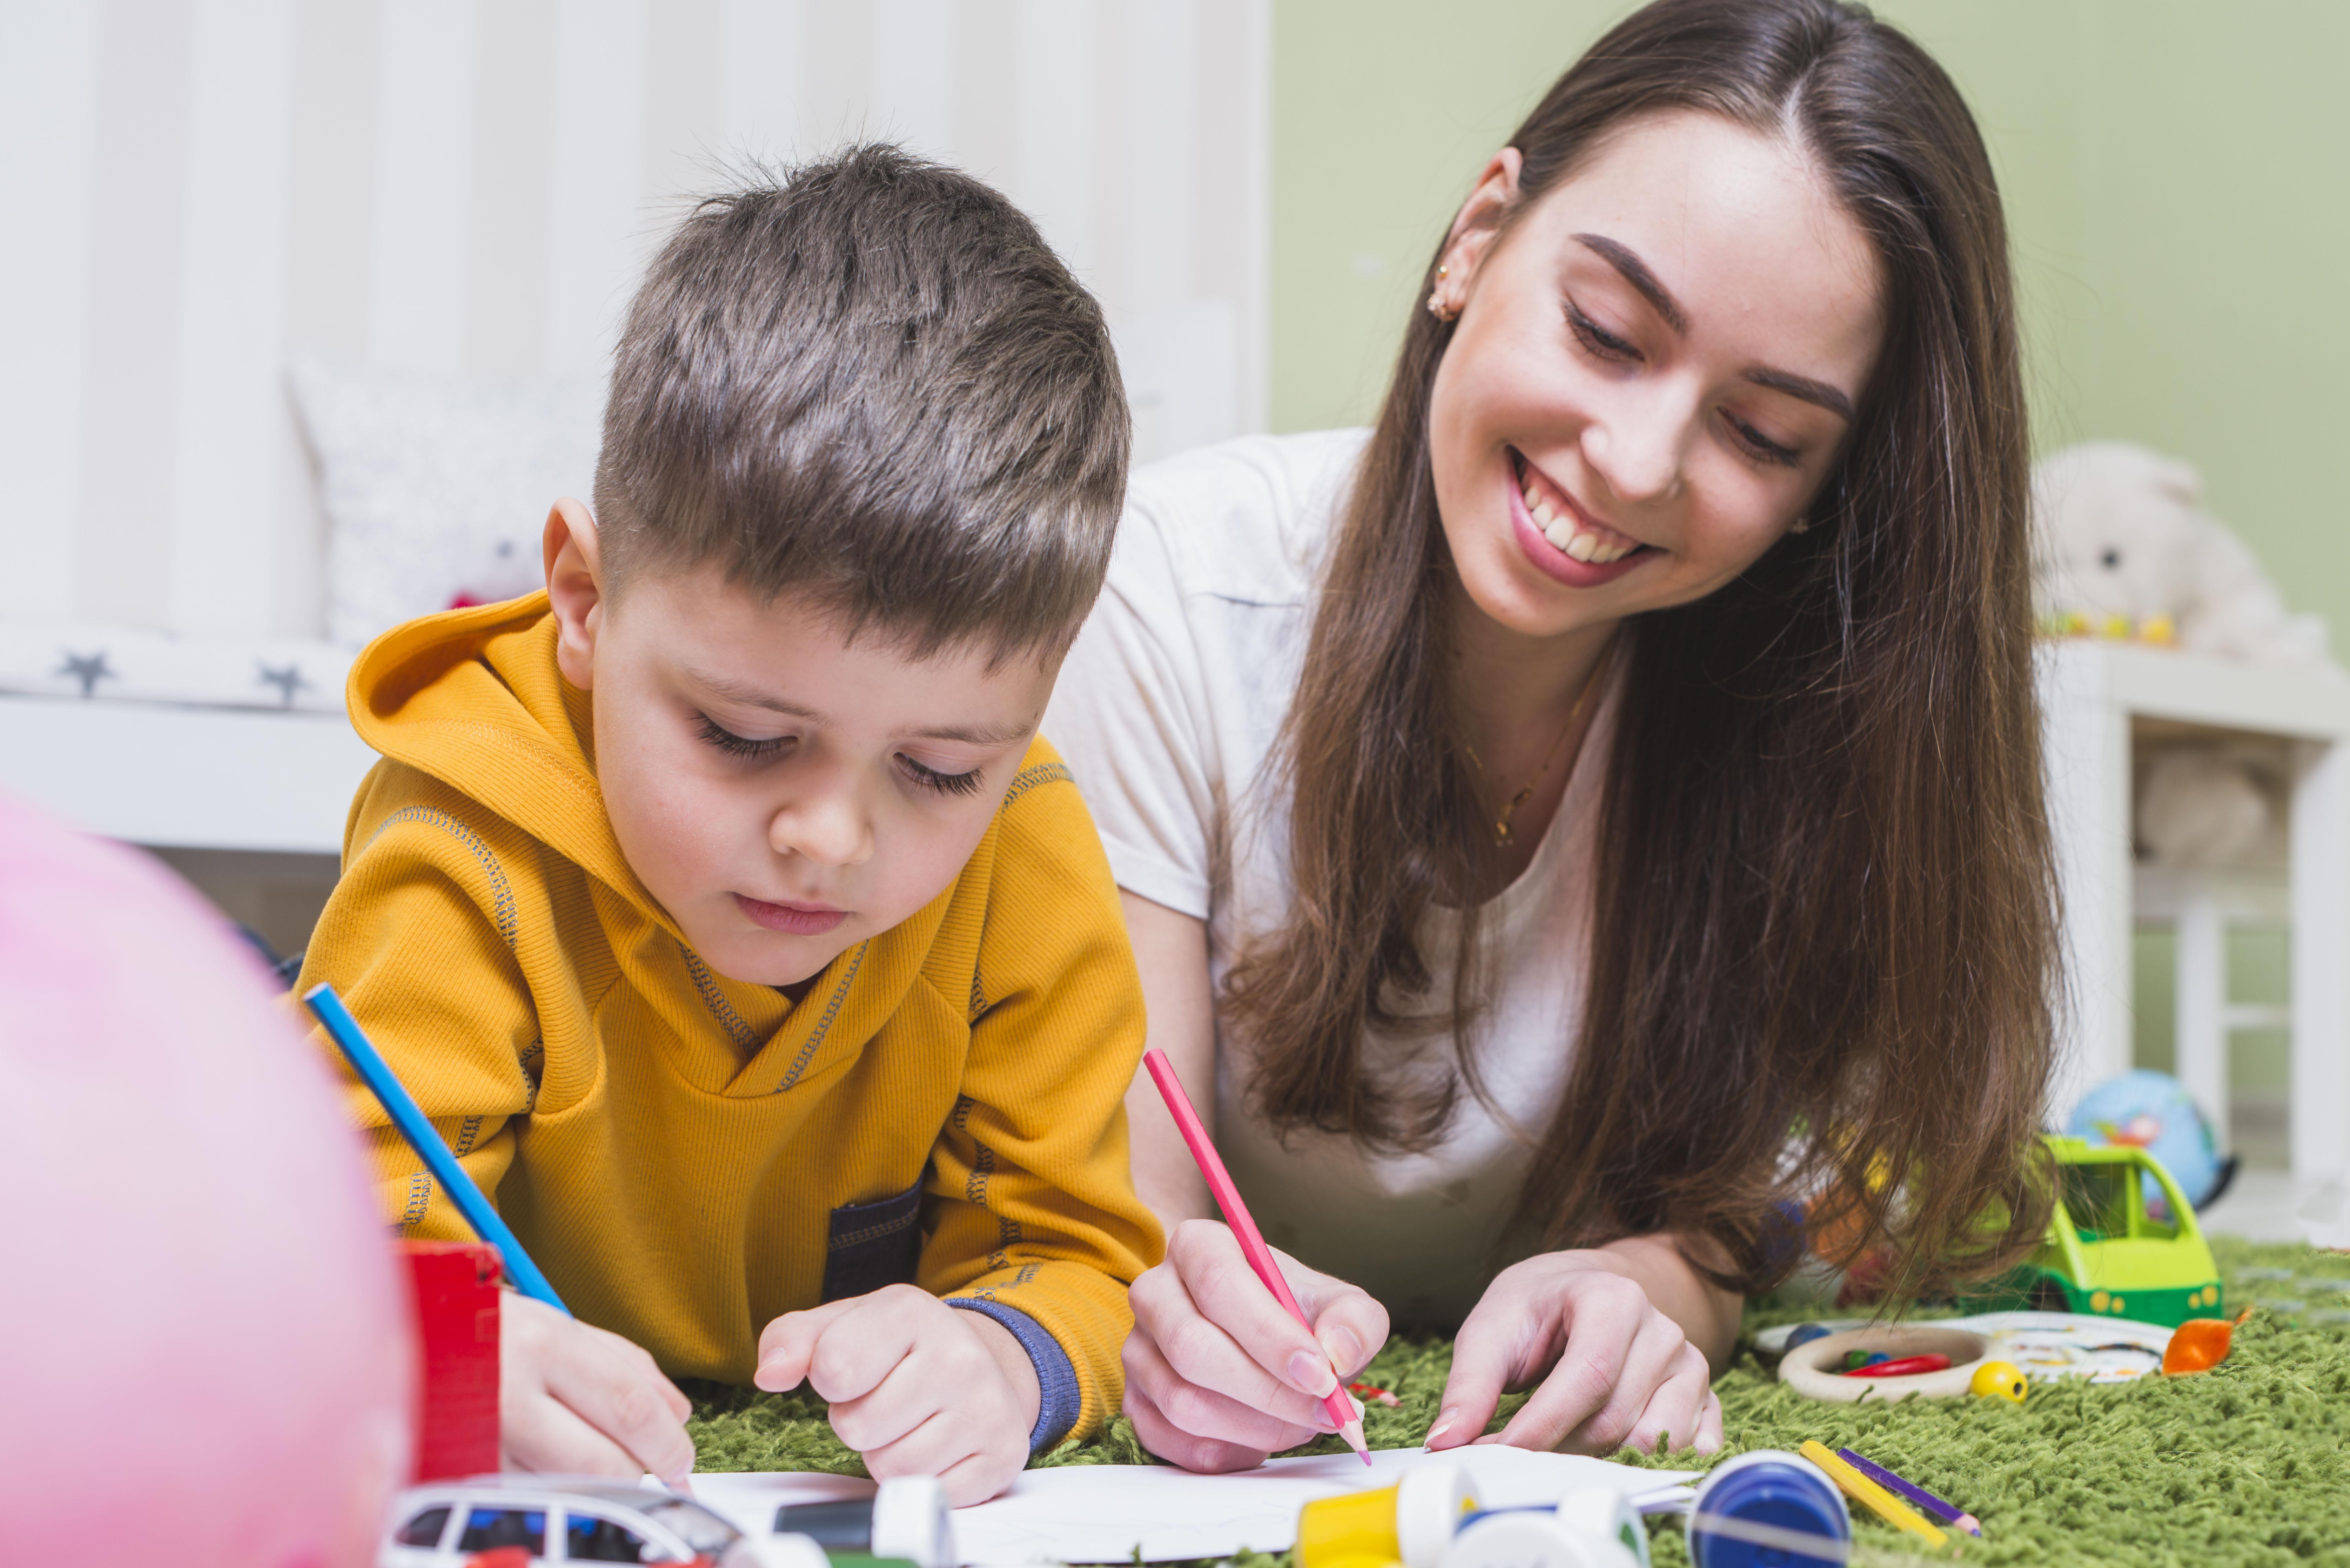 Những sai lầm phổ biến khi dạy trẻ học tiếng Anh